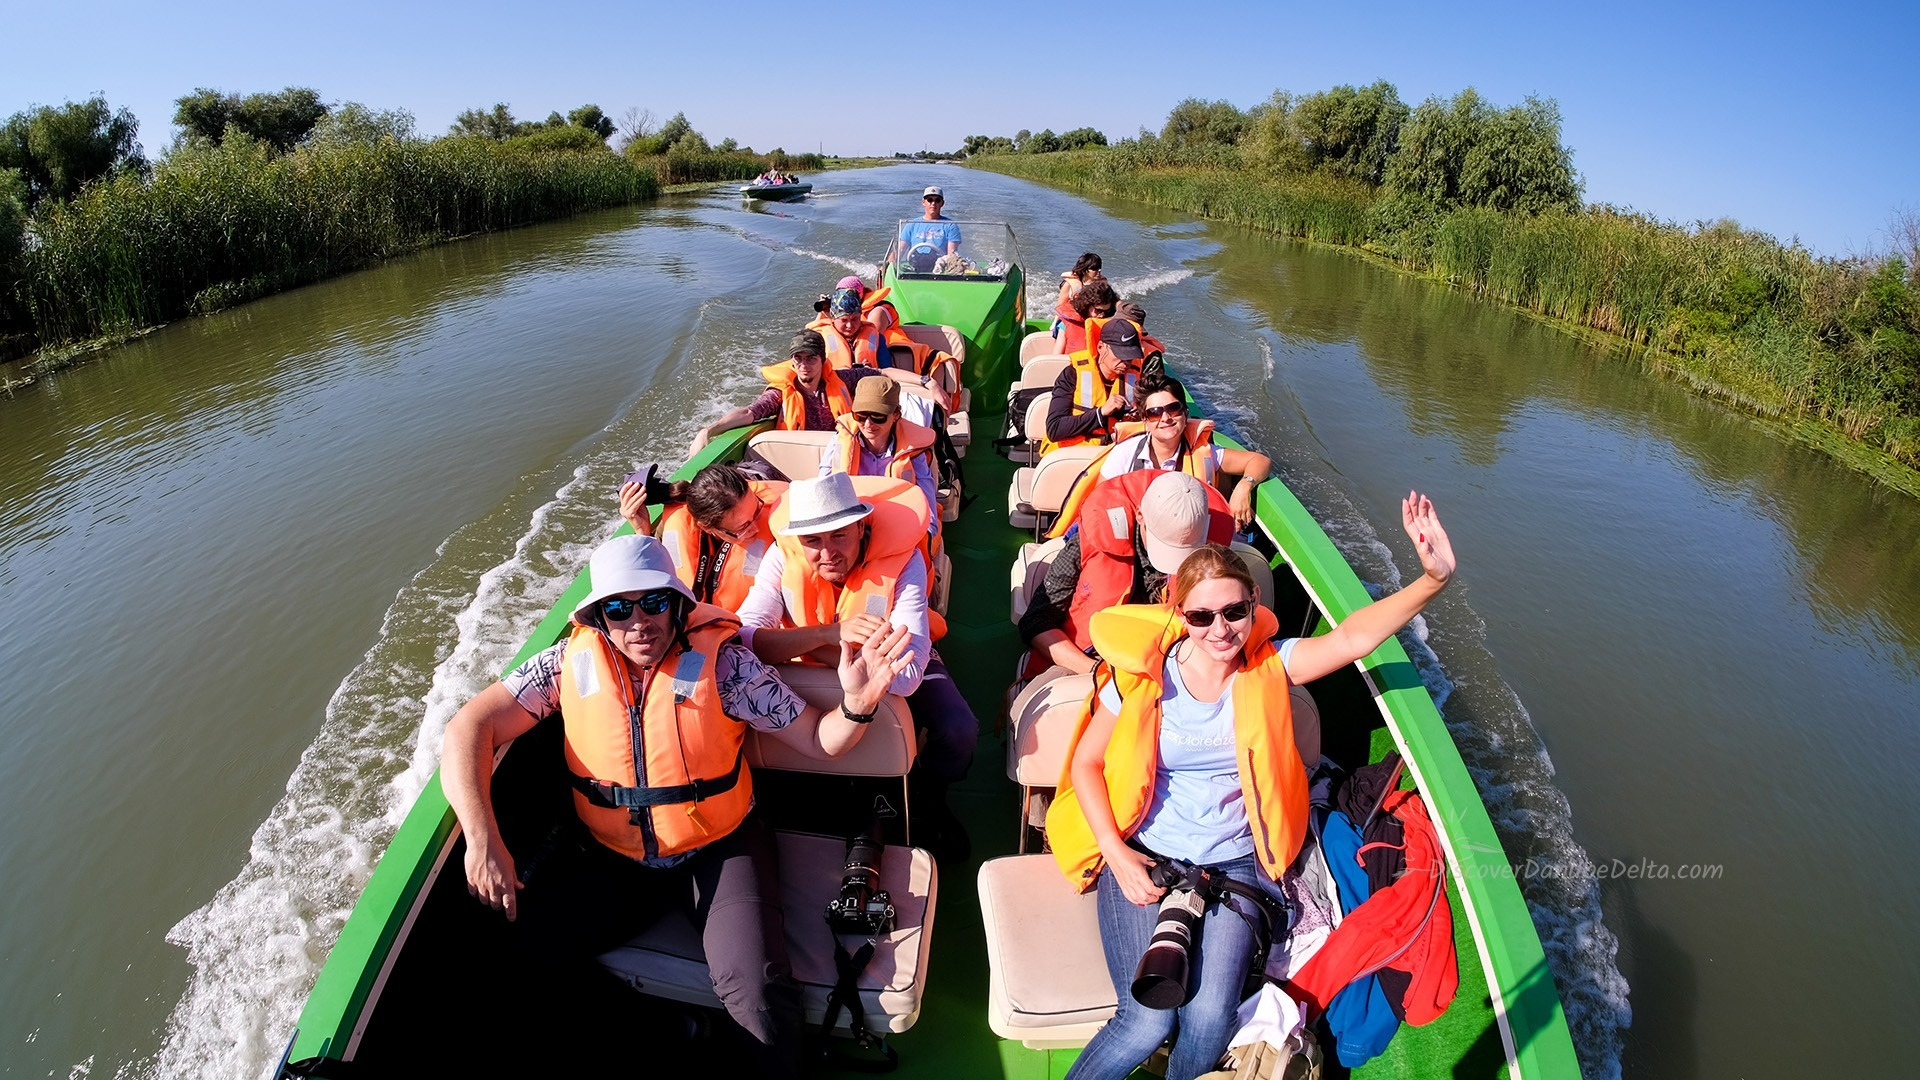 trip boat danube delta